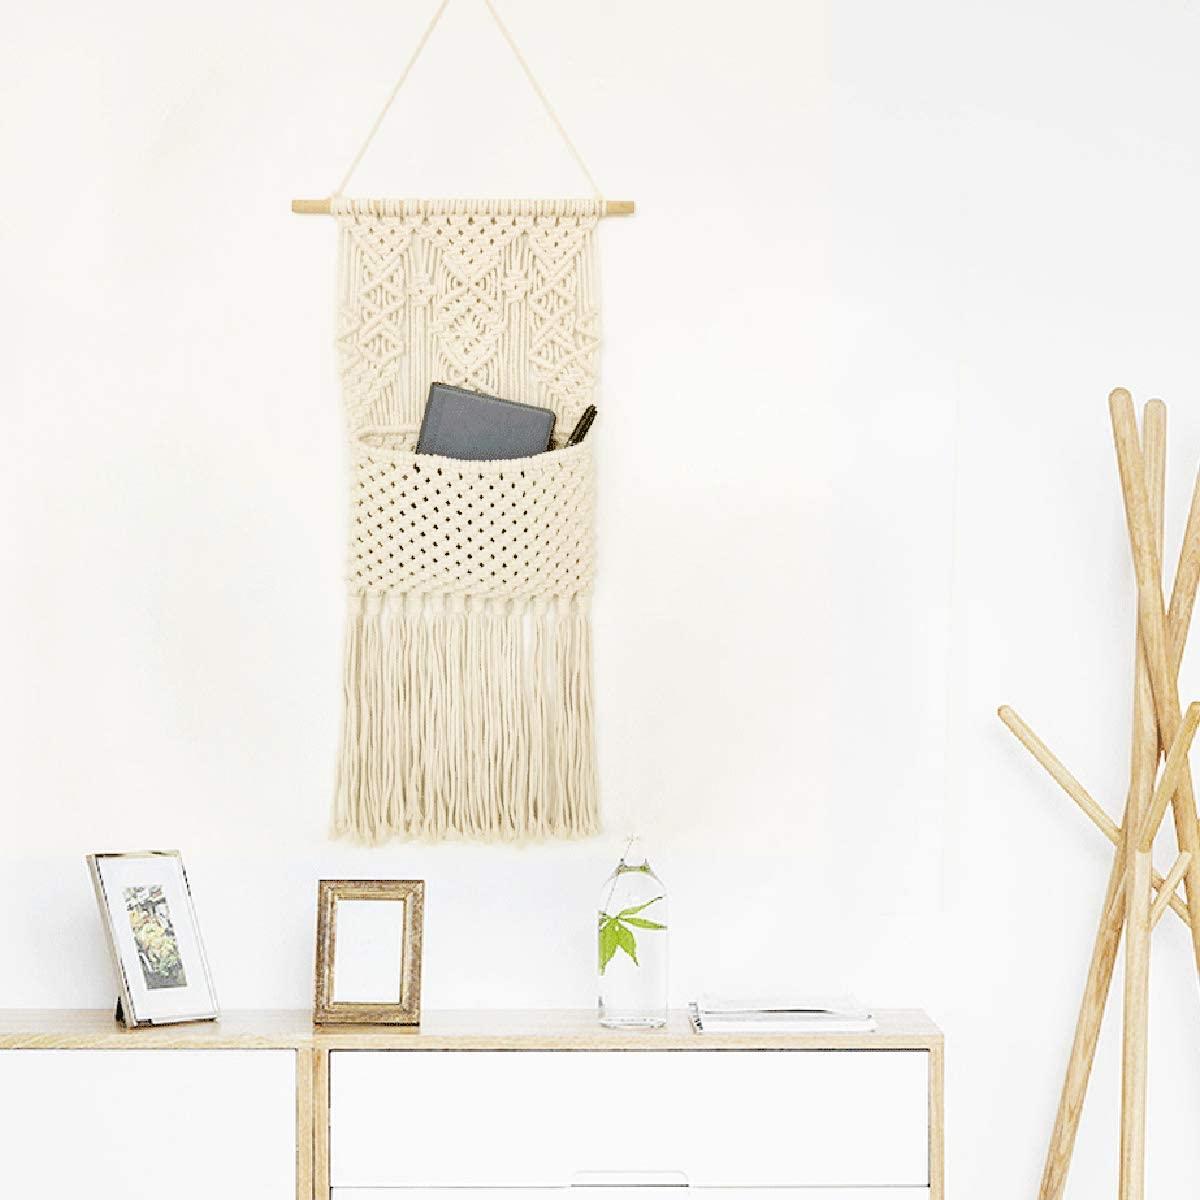 Sinolofty Organizador de macramé para colgar en la pared, con bolsa de almacenamiento, tapices de algodón tejidos, decoración para el hogar, 75 cm (largo) x 30 cm (ancho)